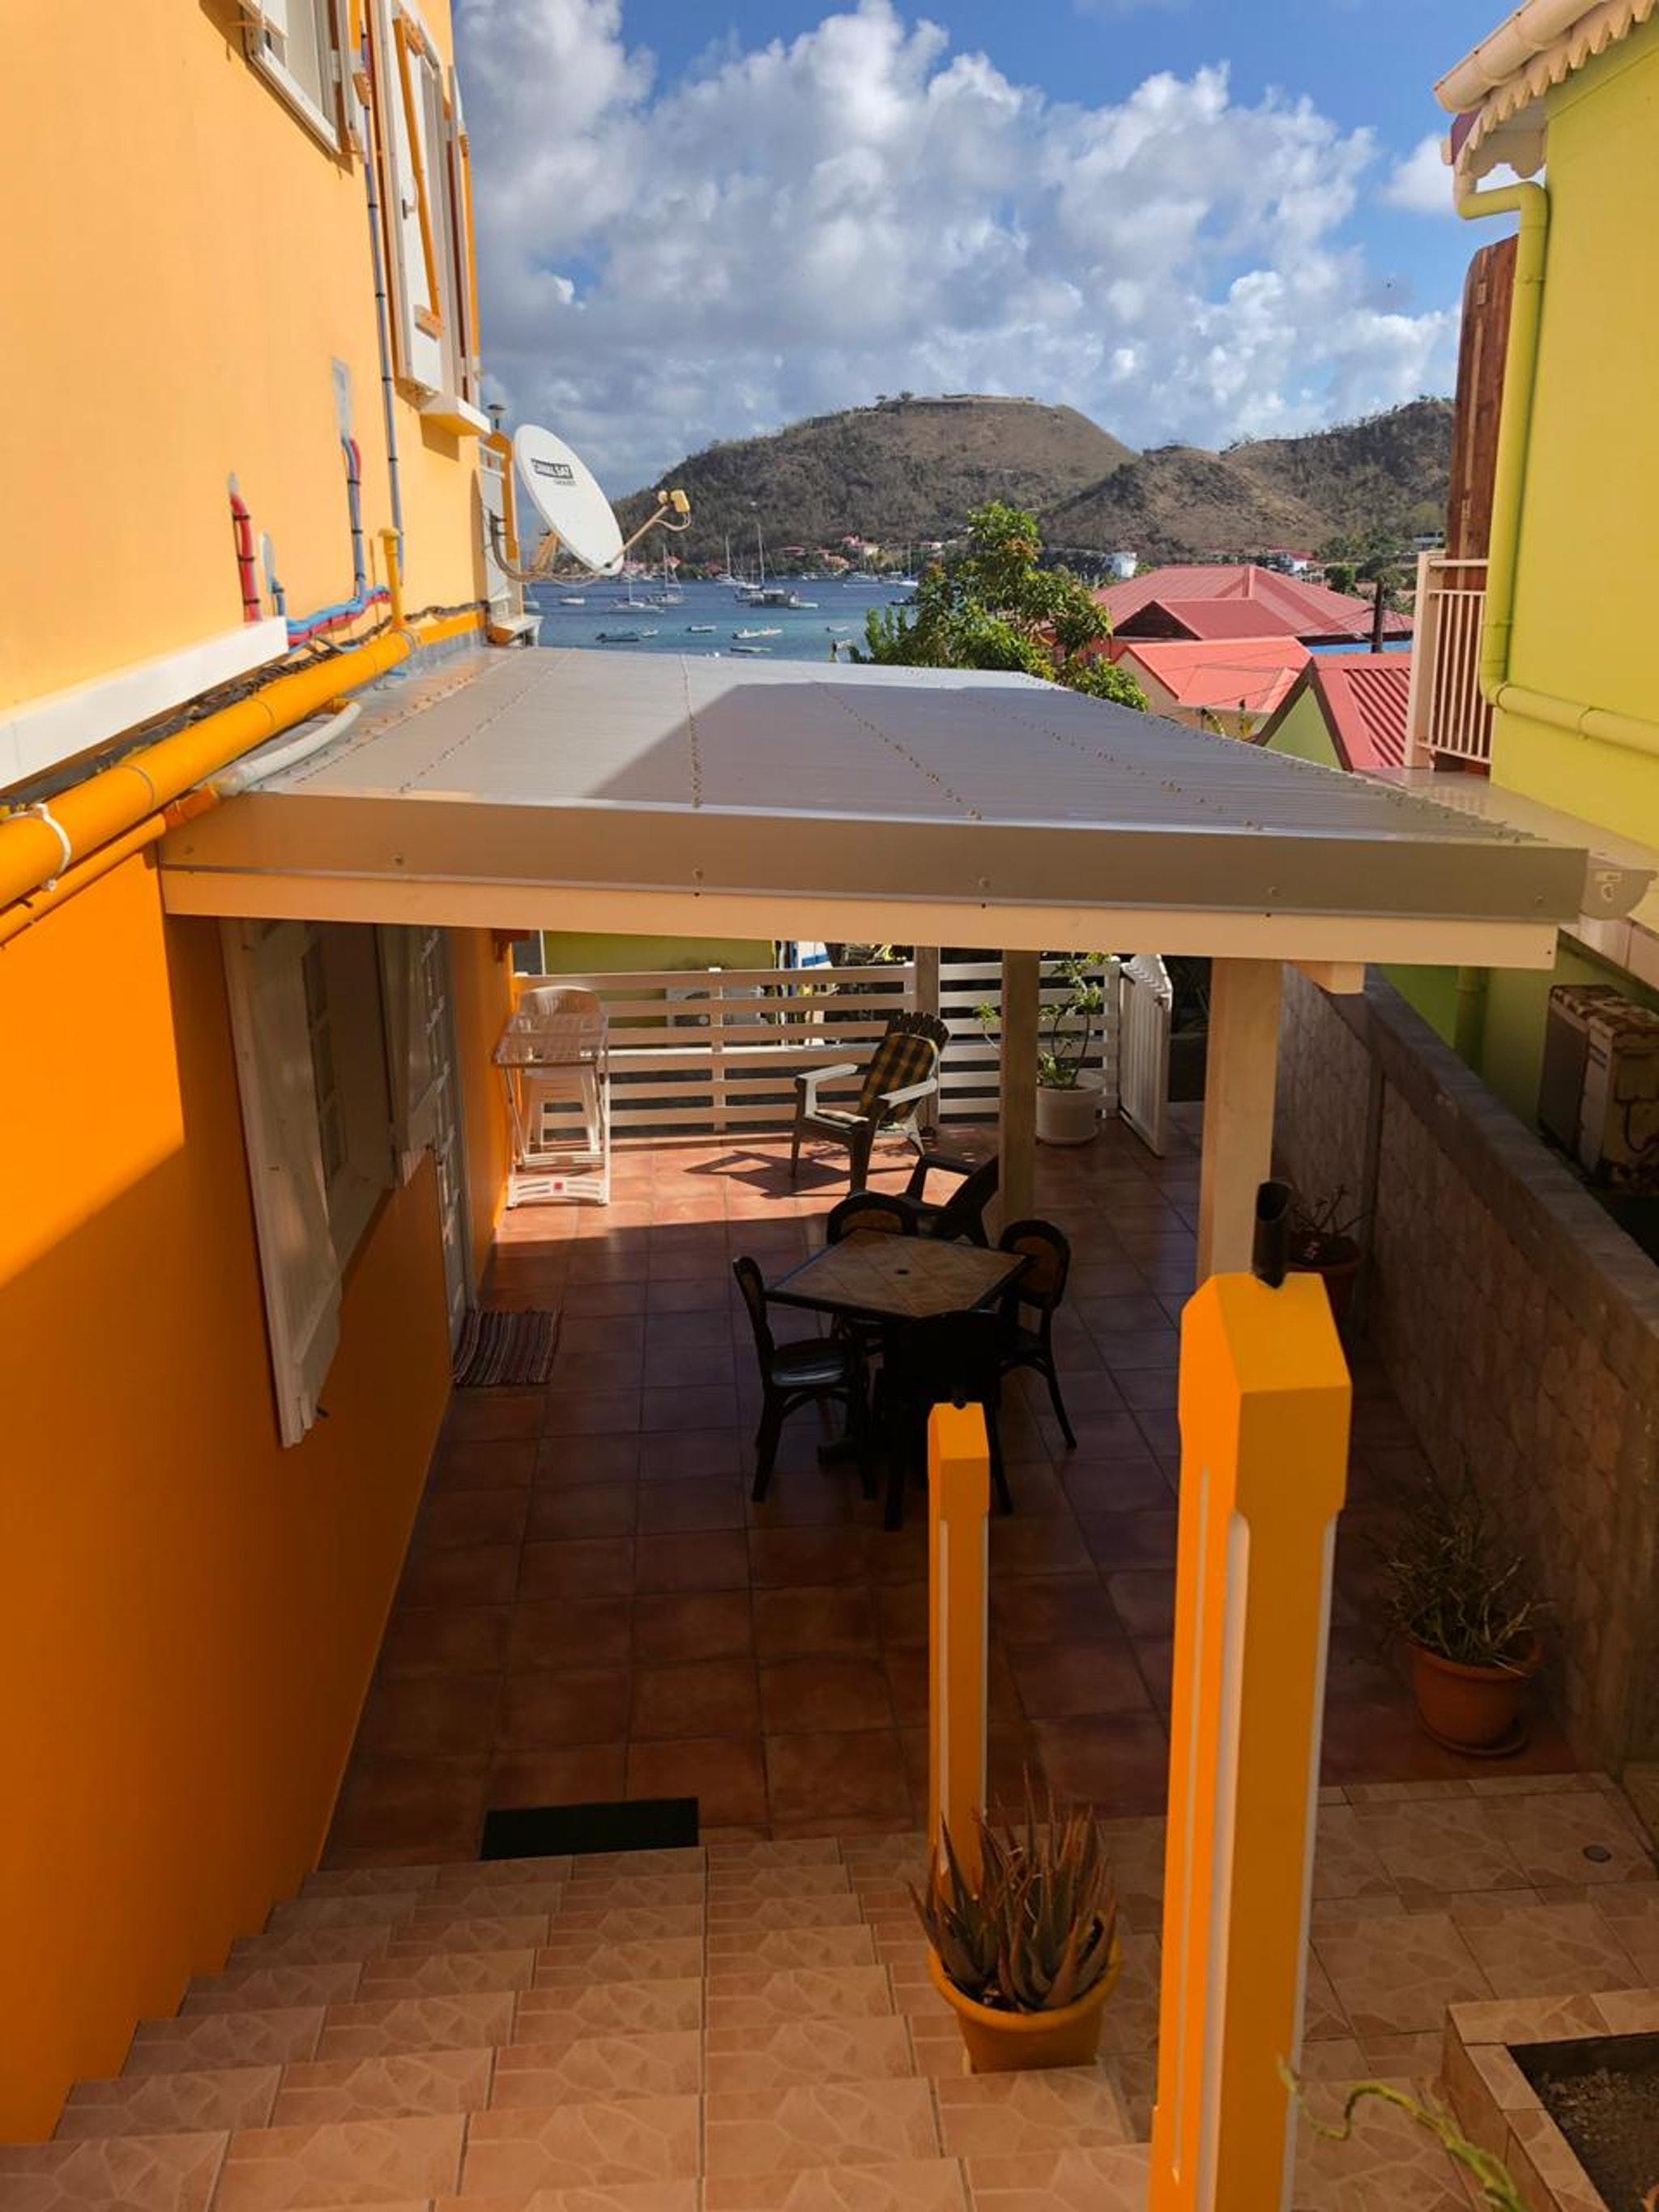 Haus mit 2 Schlafzimmern in Terre de haut mit herr Ferienhaus in Guadeloupe